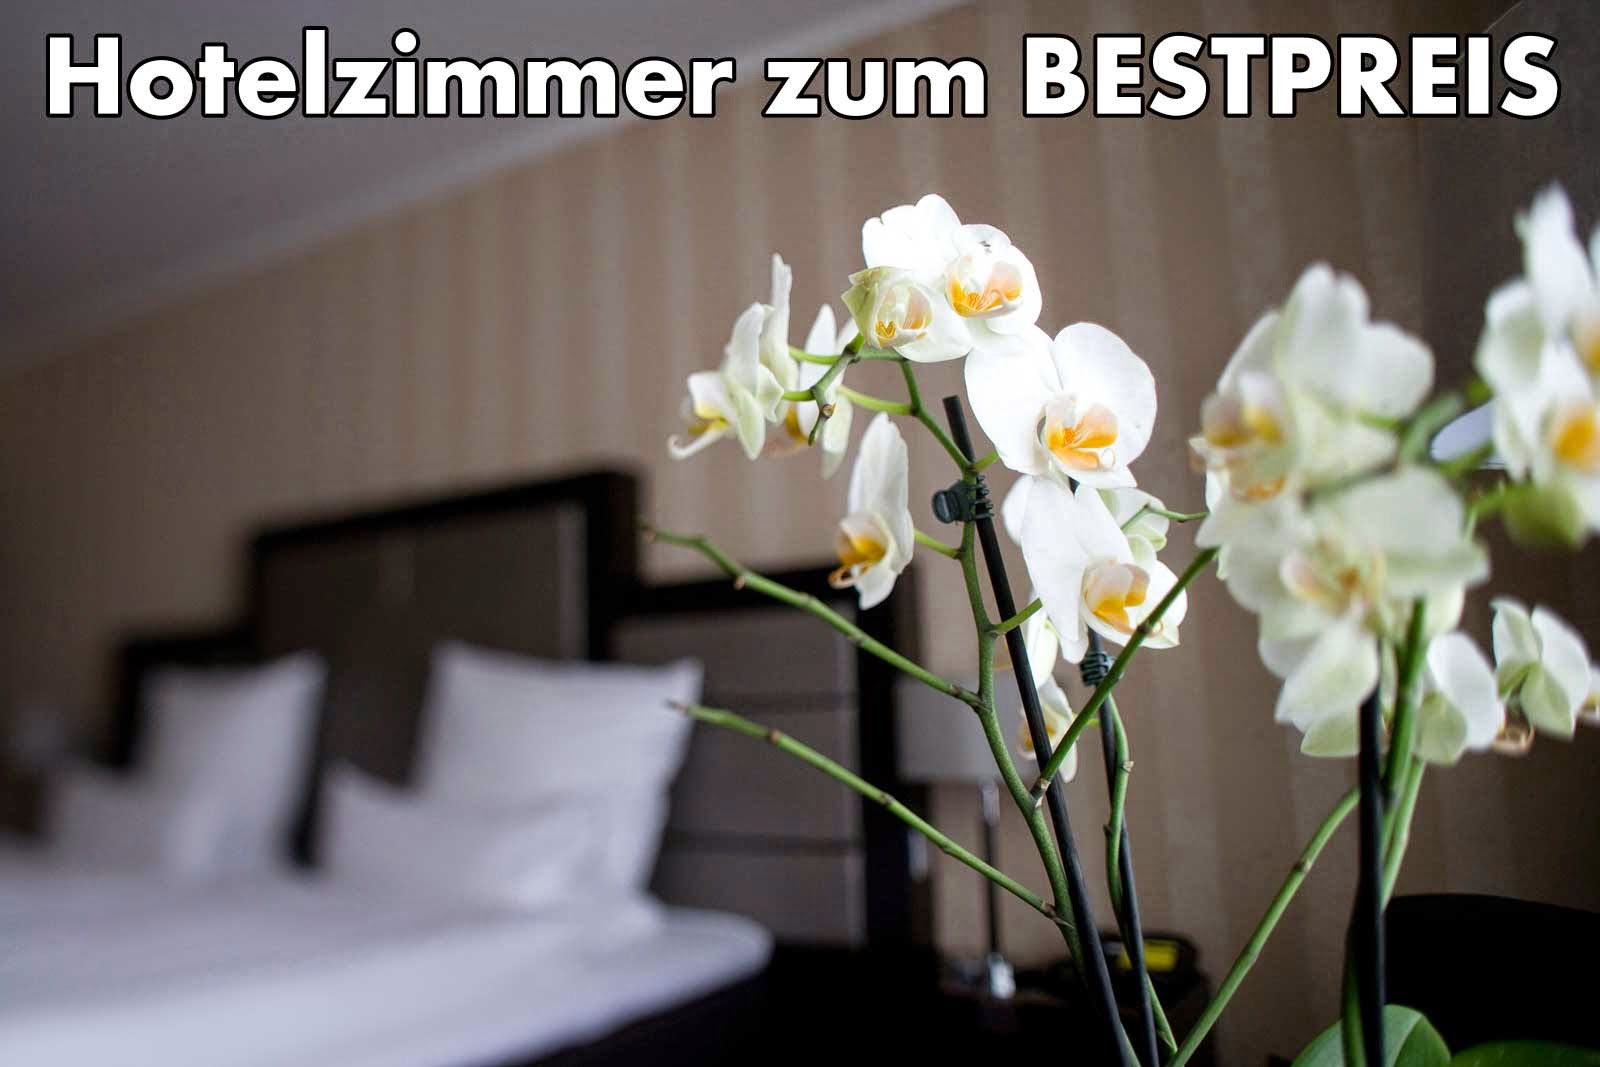 Hotels günstig buchen: Ratgeber ...